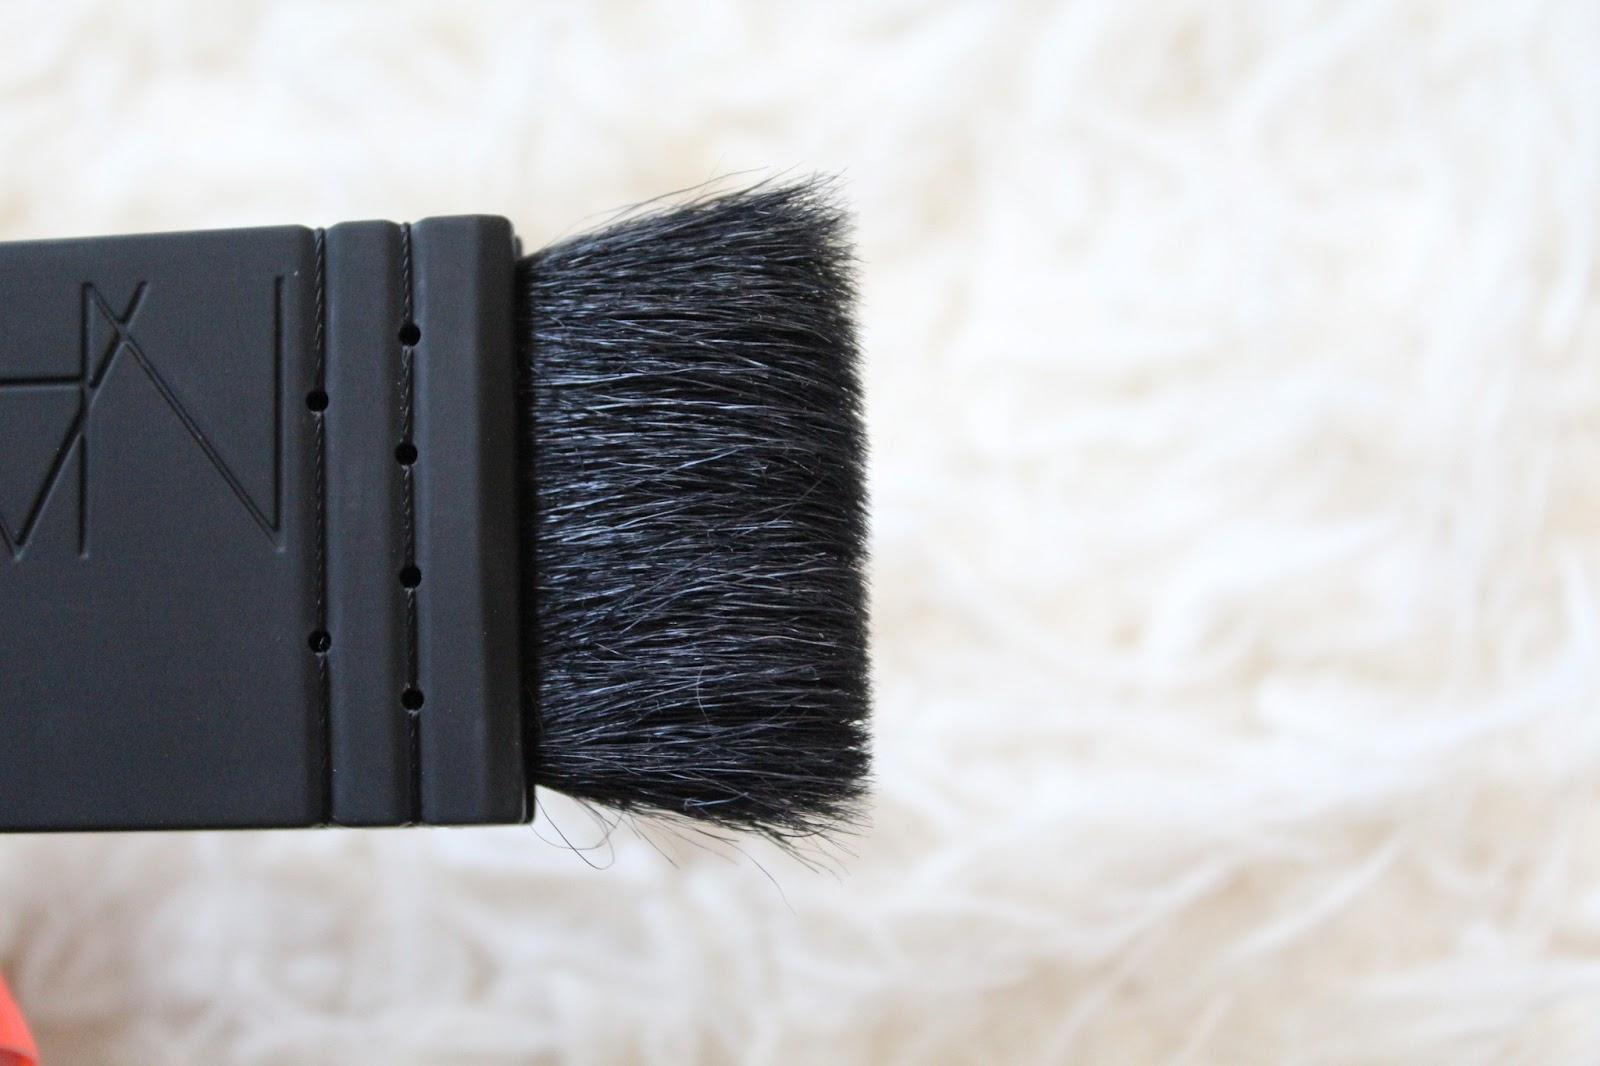 Nars Kabuki Artisan Brush No. 21